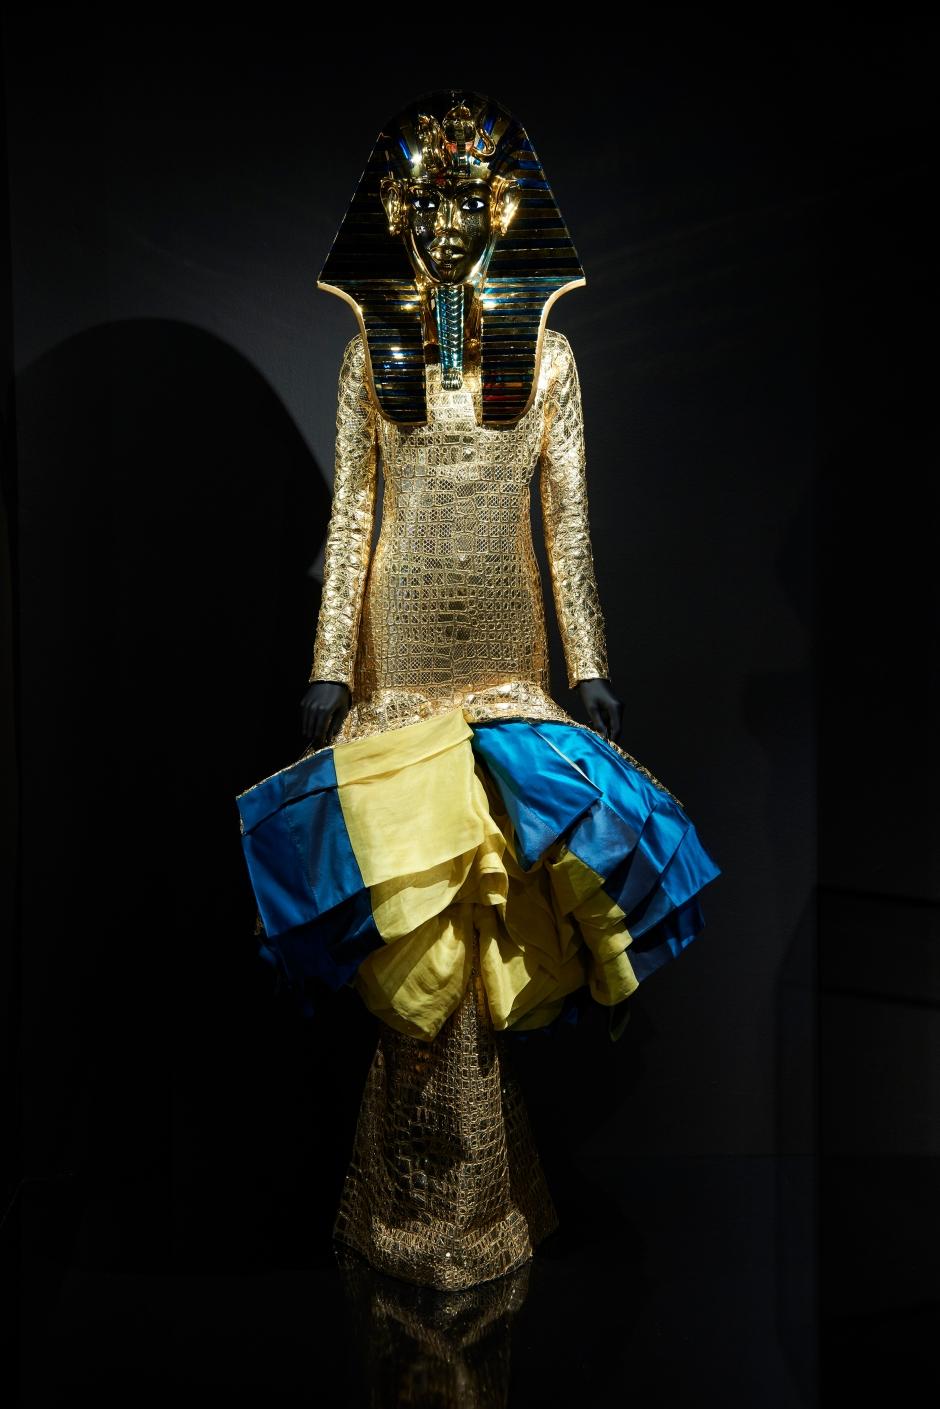 Dior_La_Maison_Dior_Christian_Dior_Couturier_du_Reve_Exhibition_16